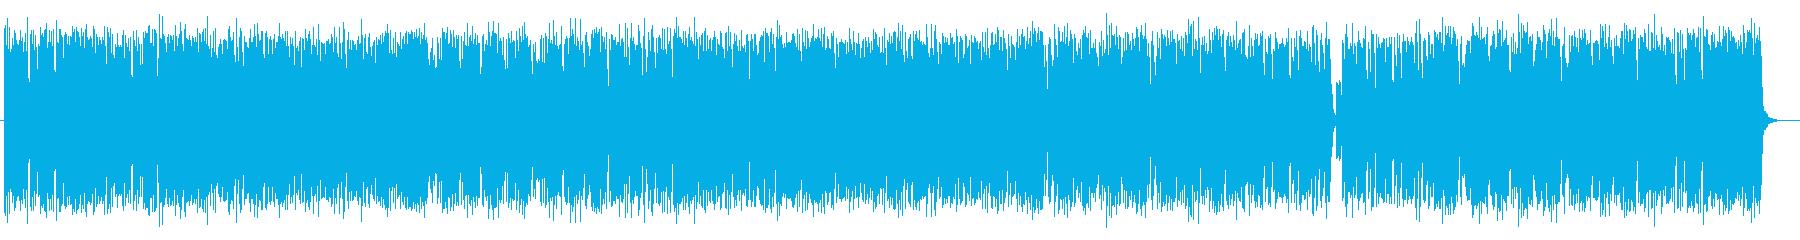 リズミカルで勢いのあるテクノの再生済みの波形